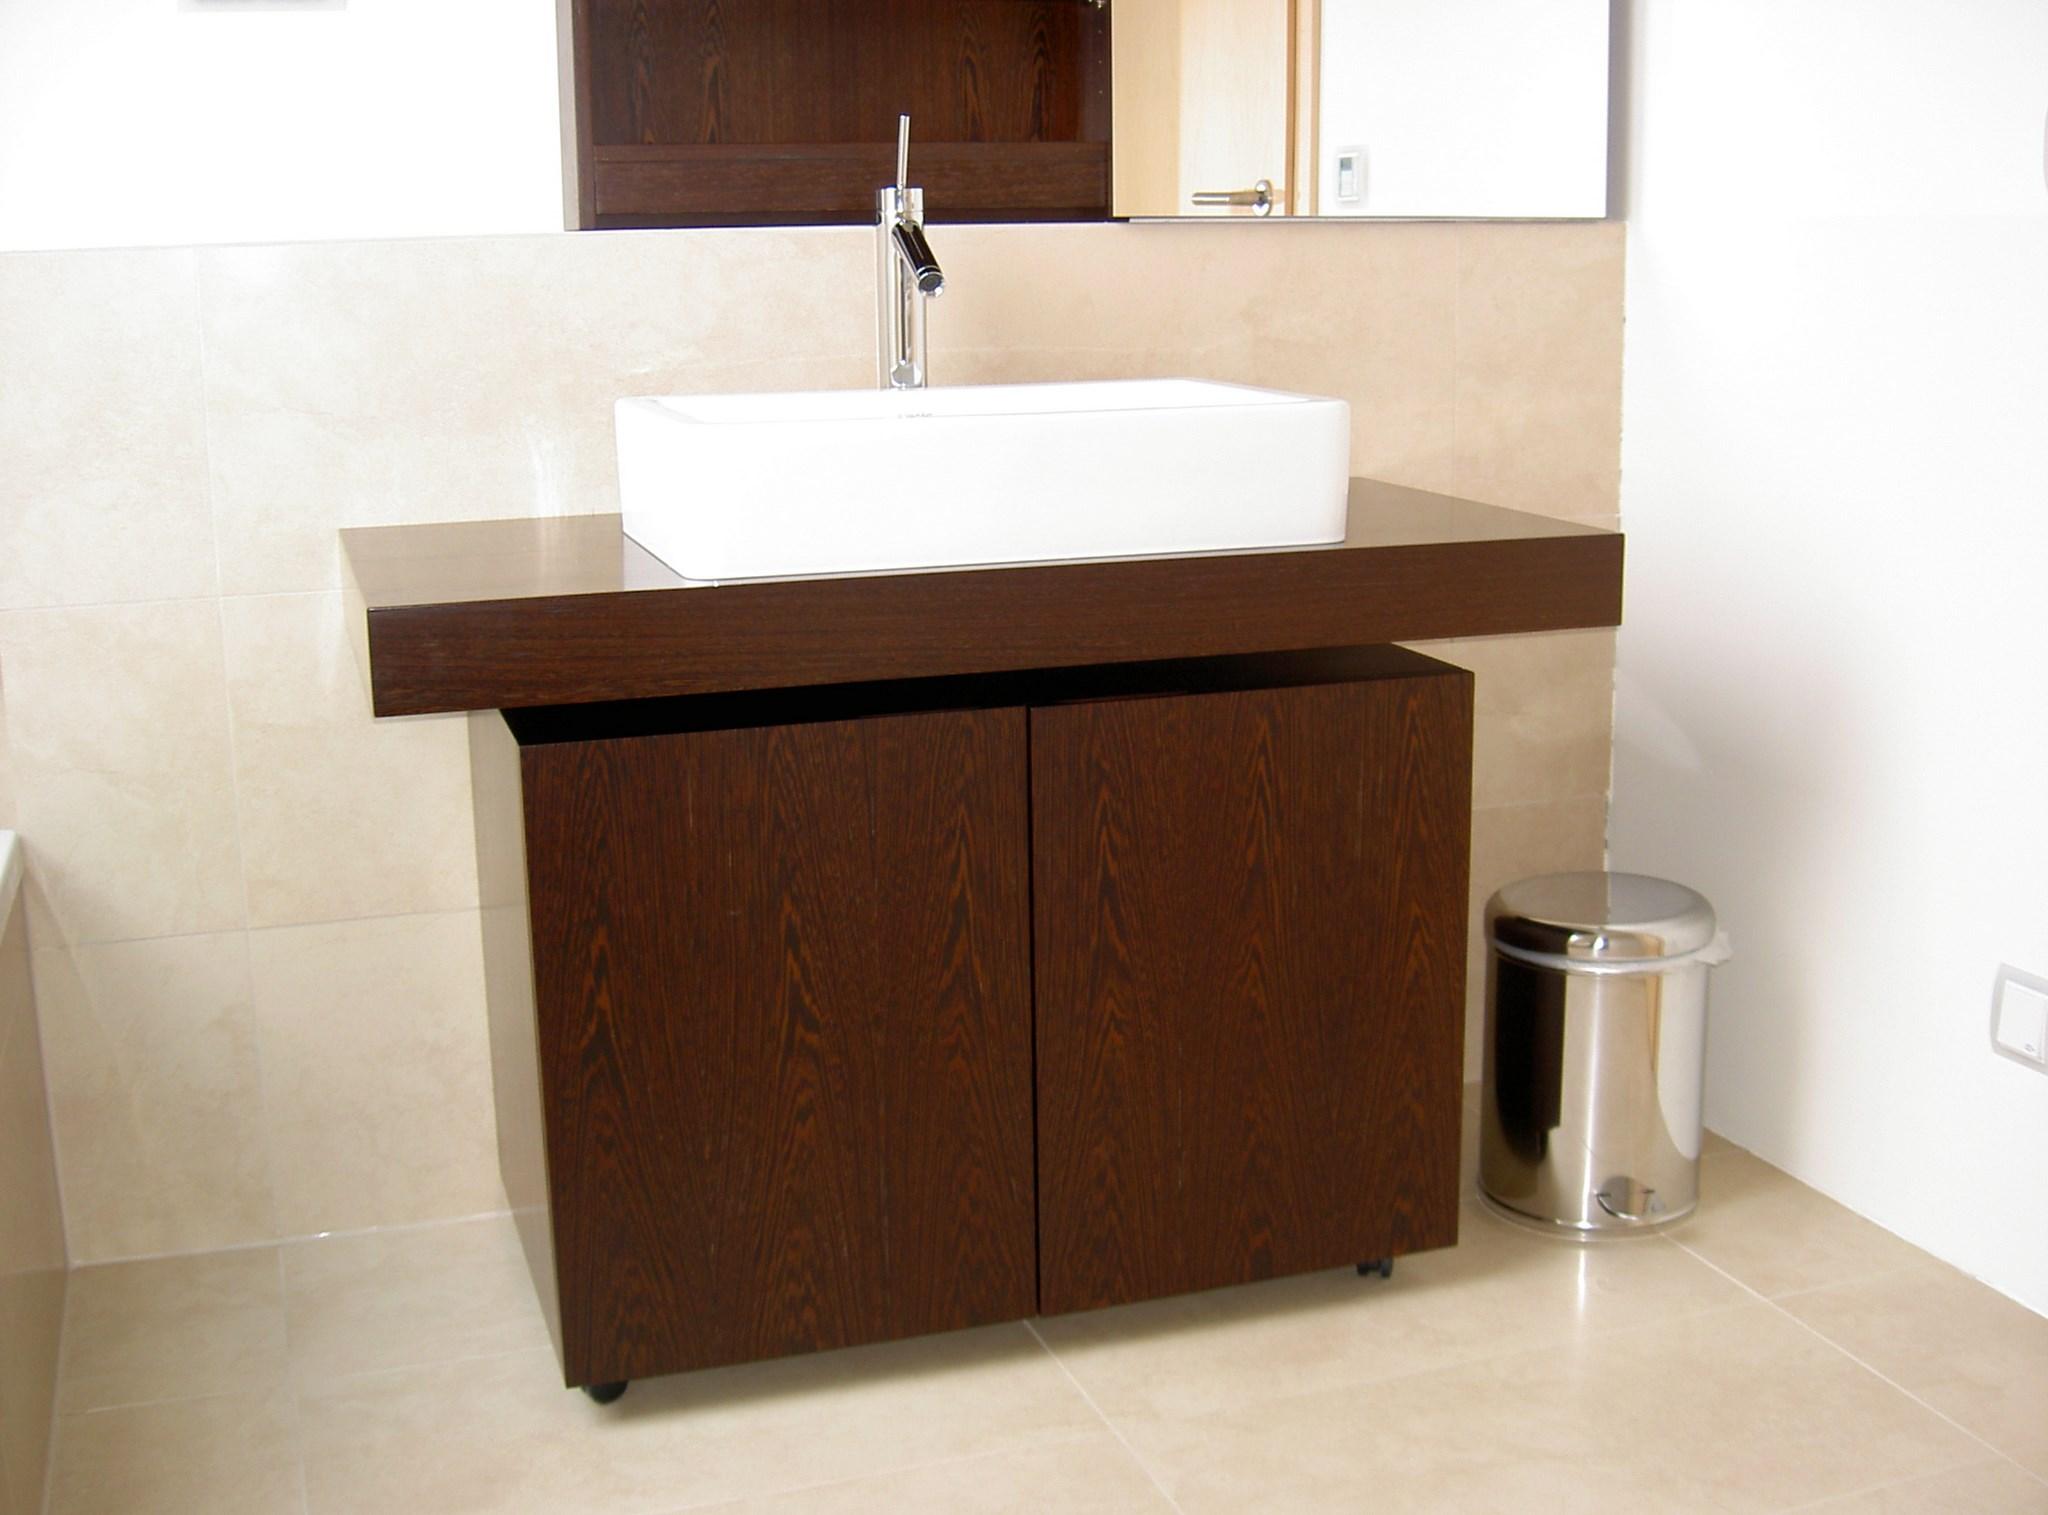 waschtisch und spiegelschrank tischlerei van neuss gmbh. Black Bedroom Furniture Sets. Home Design Ideas